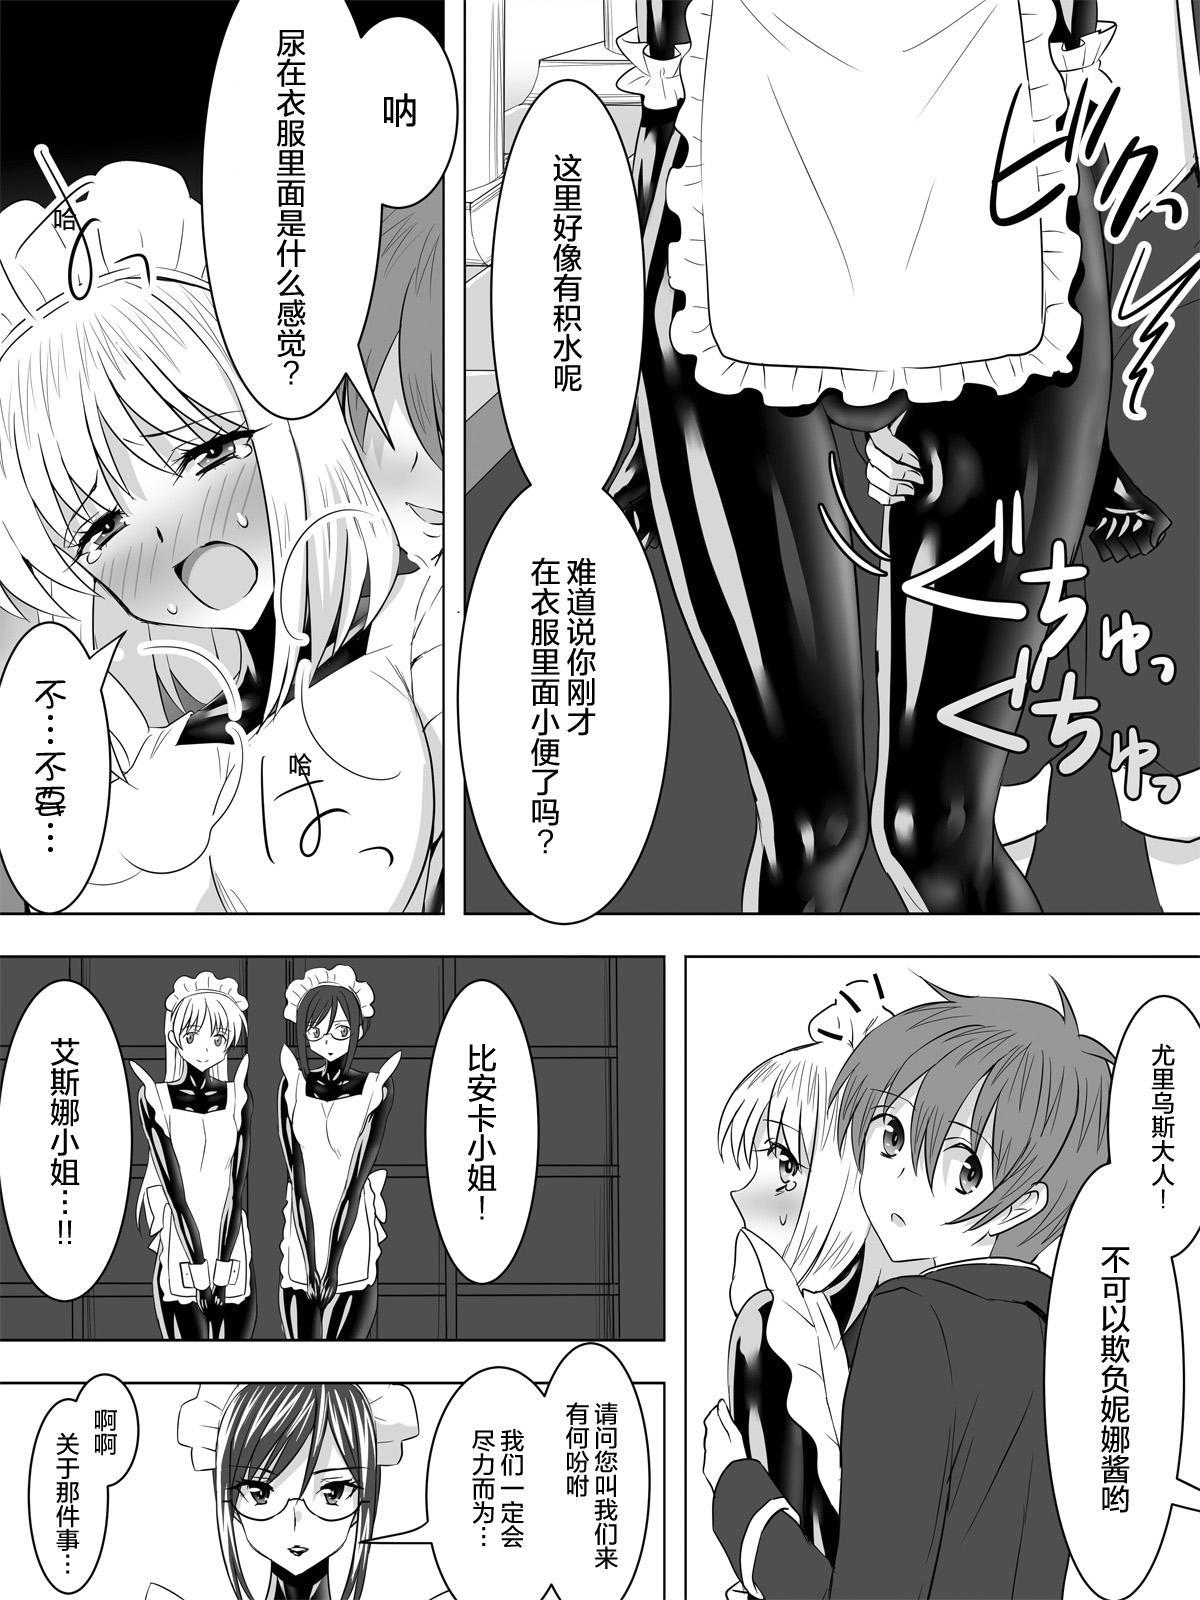 Picchiri Suit Maid to Doutei Kizoku 22